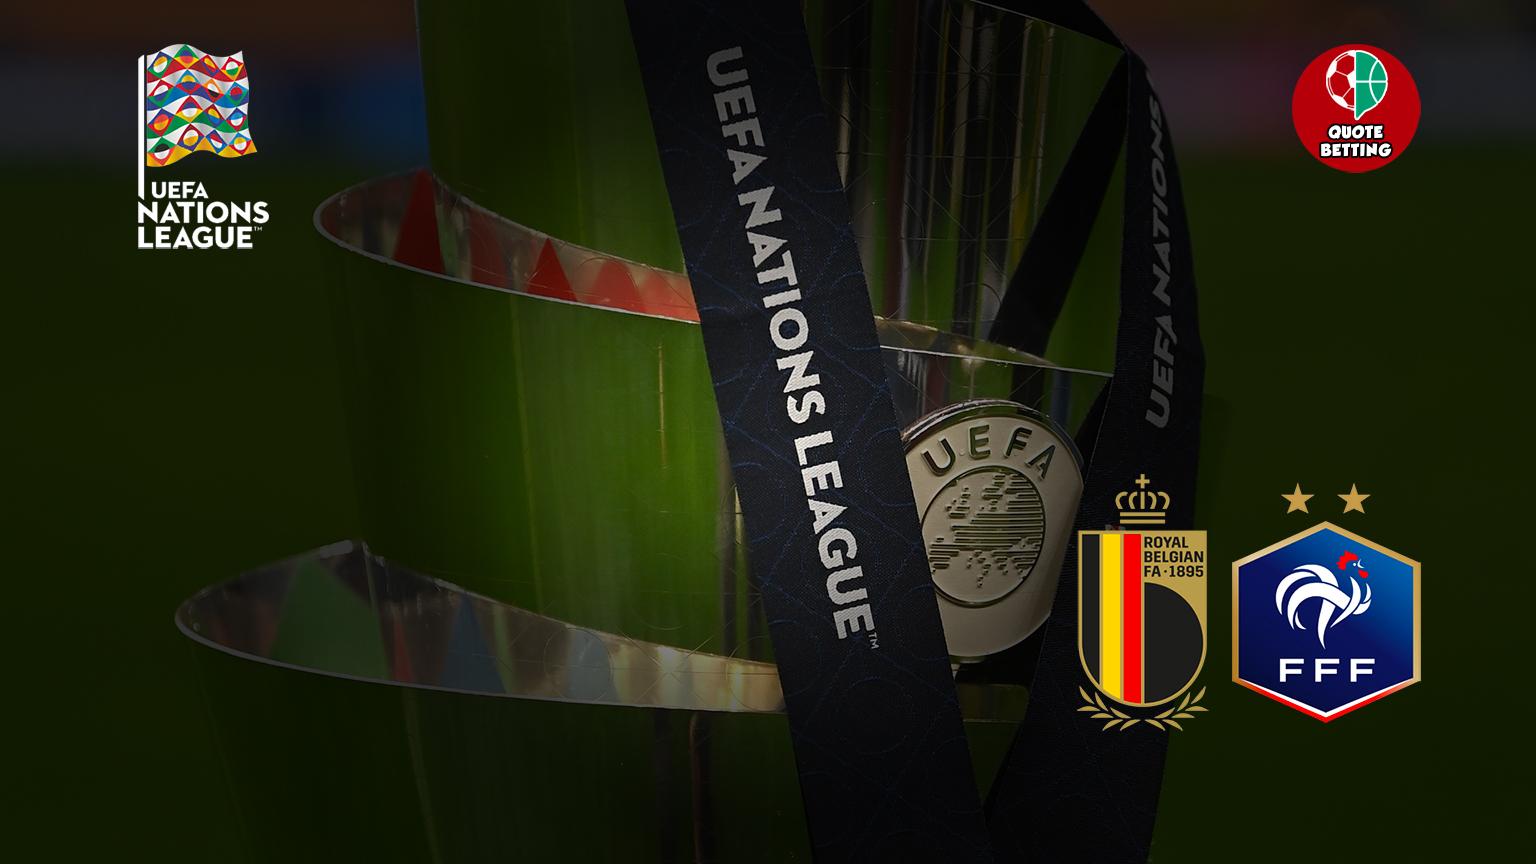 Belgia-Prancis peluang di mana untuk melihat di TV prediksi formasi peluang taruhan olahraga liga negara pertandingan berikutnya belgia hari ini